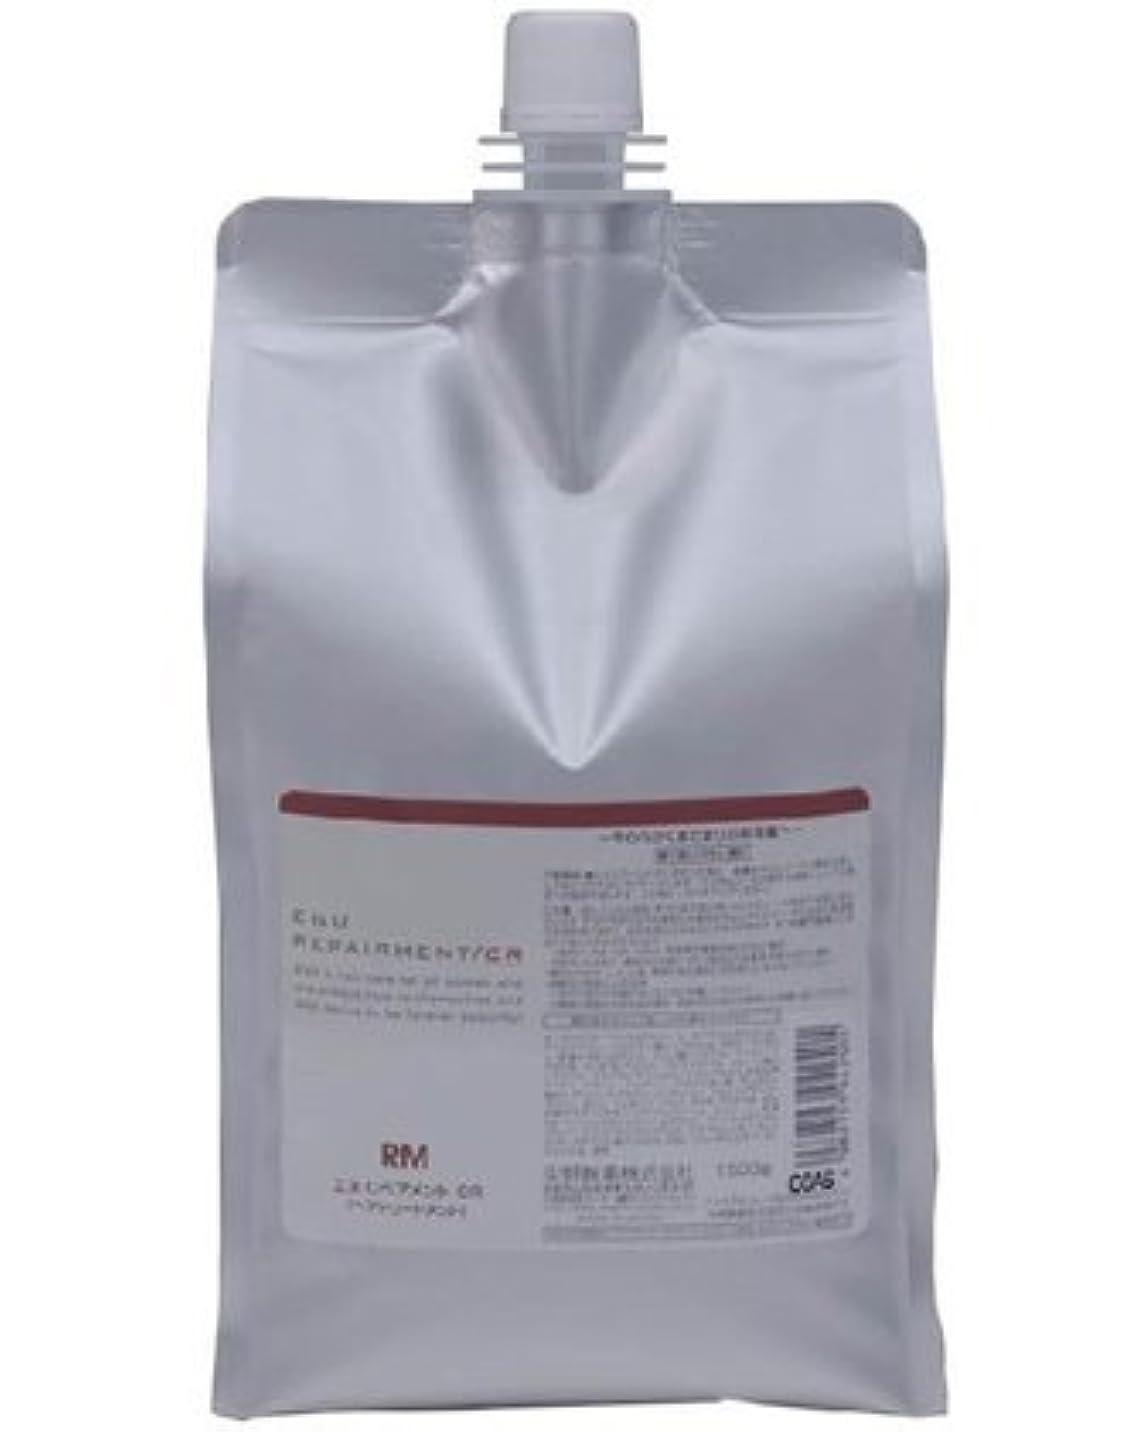 露骨な時々時々破壊的な中野製薬 ENU エヌ リペアメント CR 1500g レフィル 詰替え用